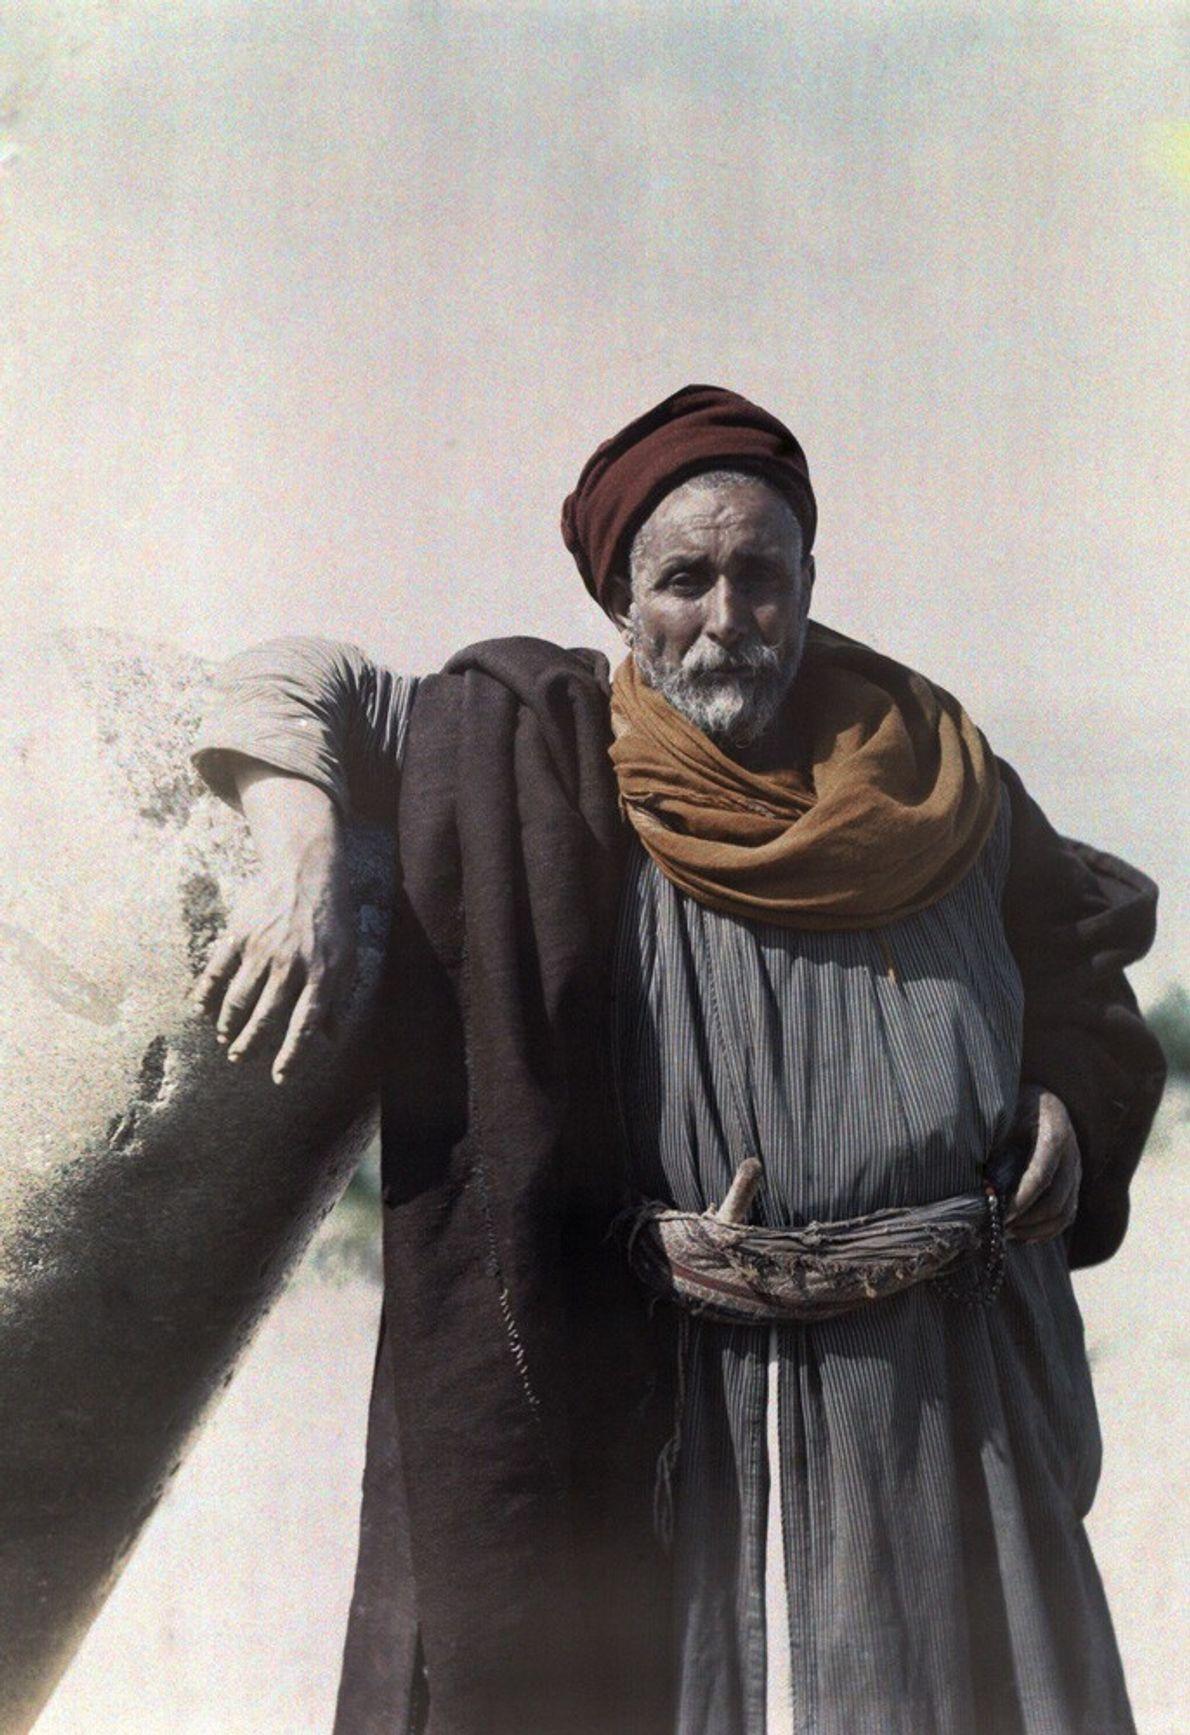 chefe de uma tribo nómada beduína